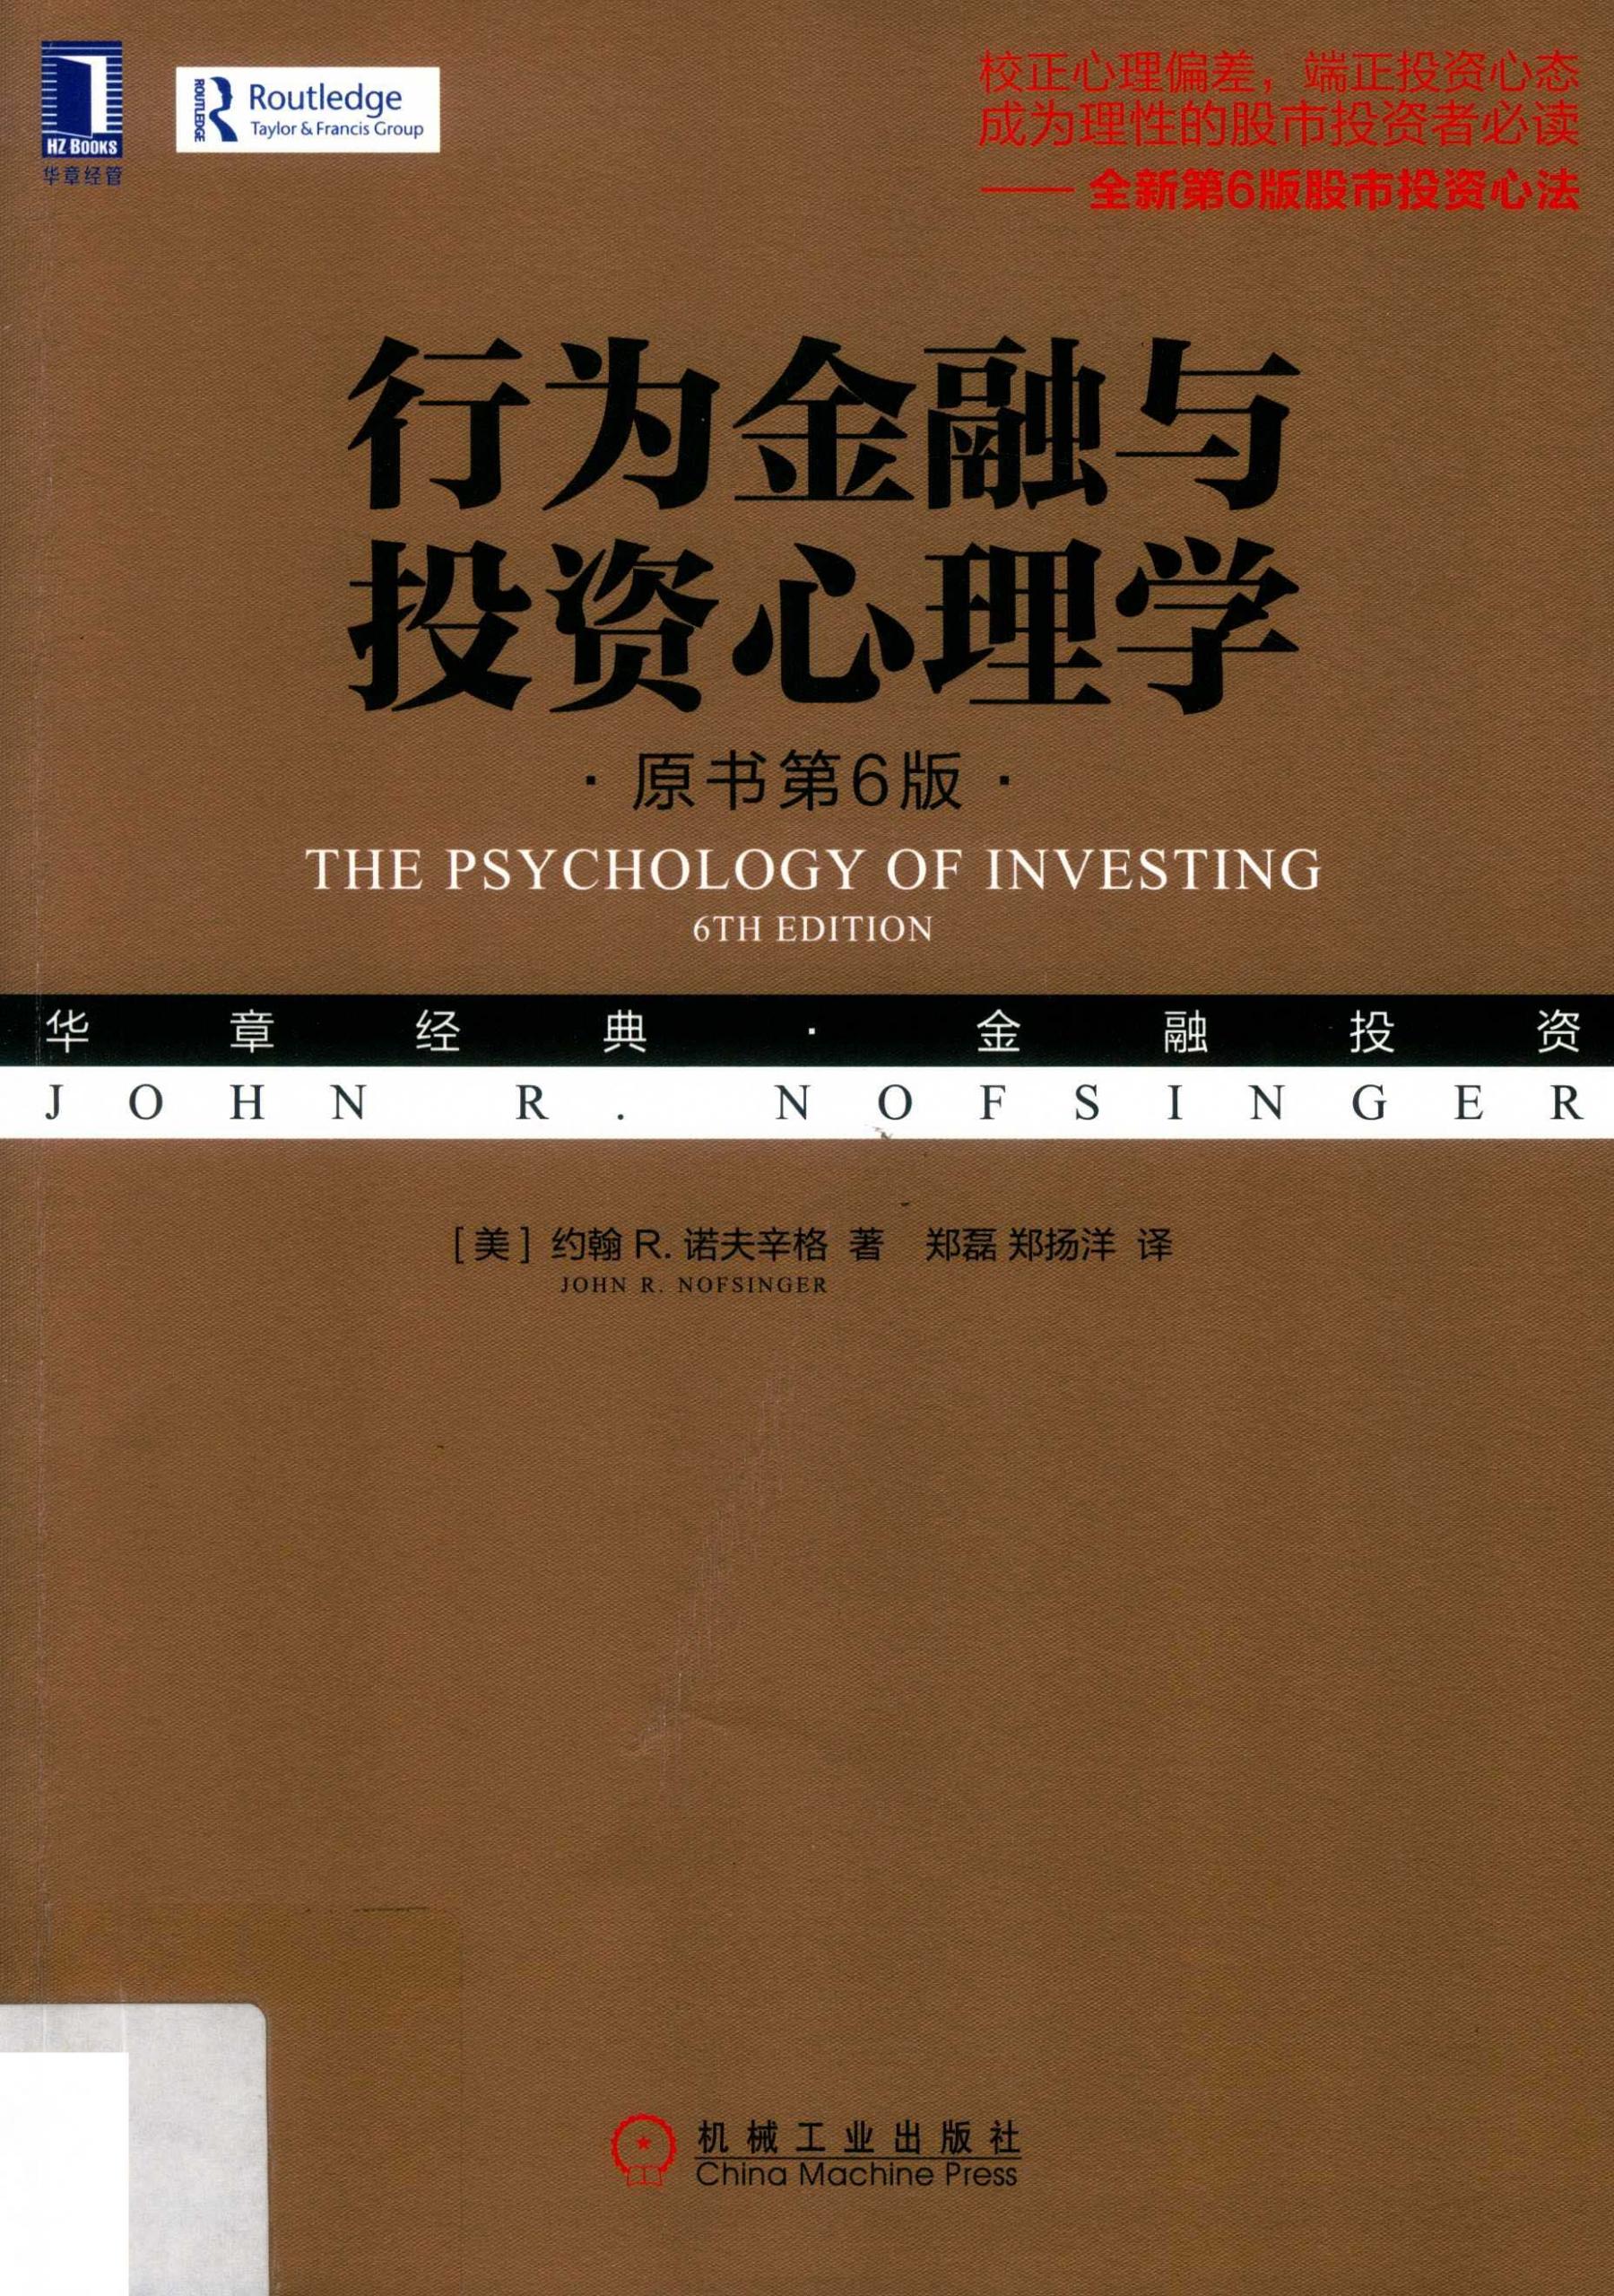 行为金融与投资心理学 第6版 PDF